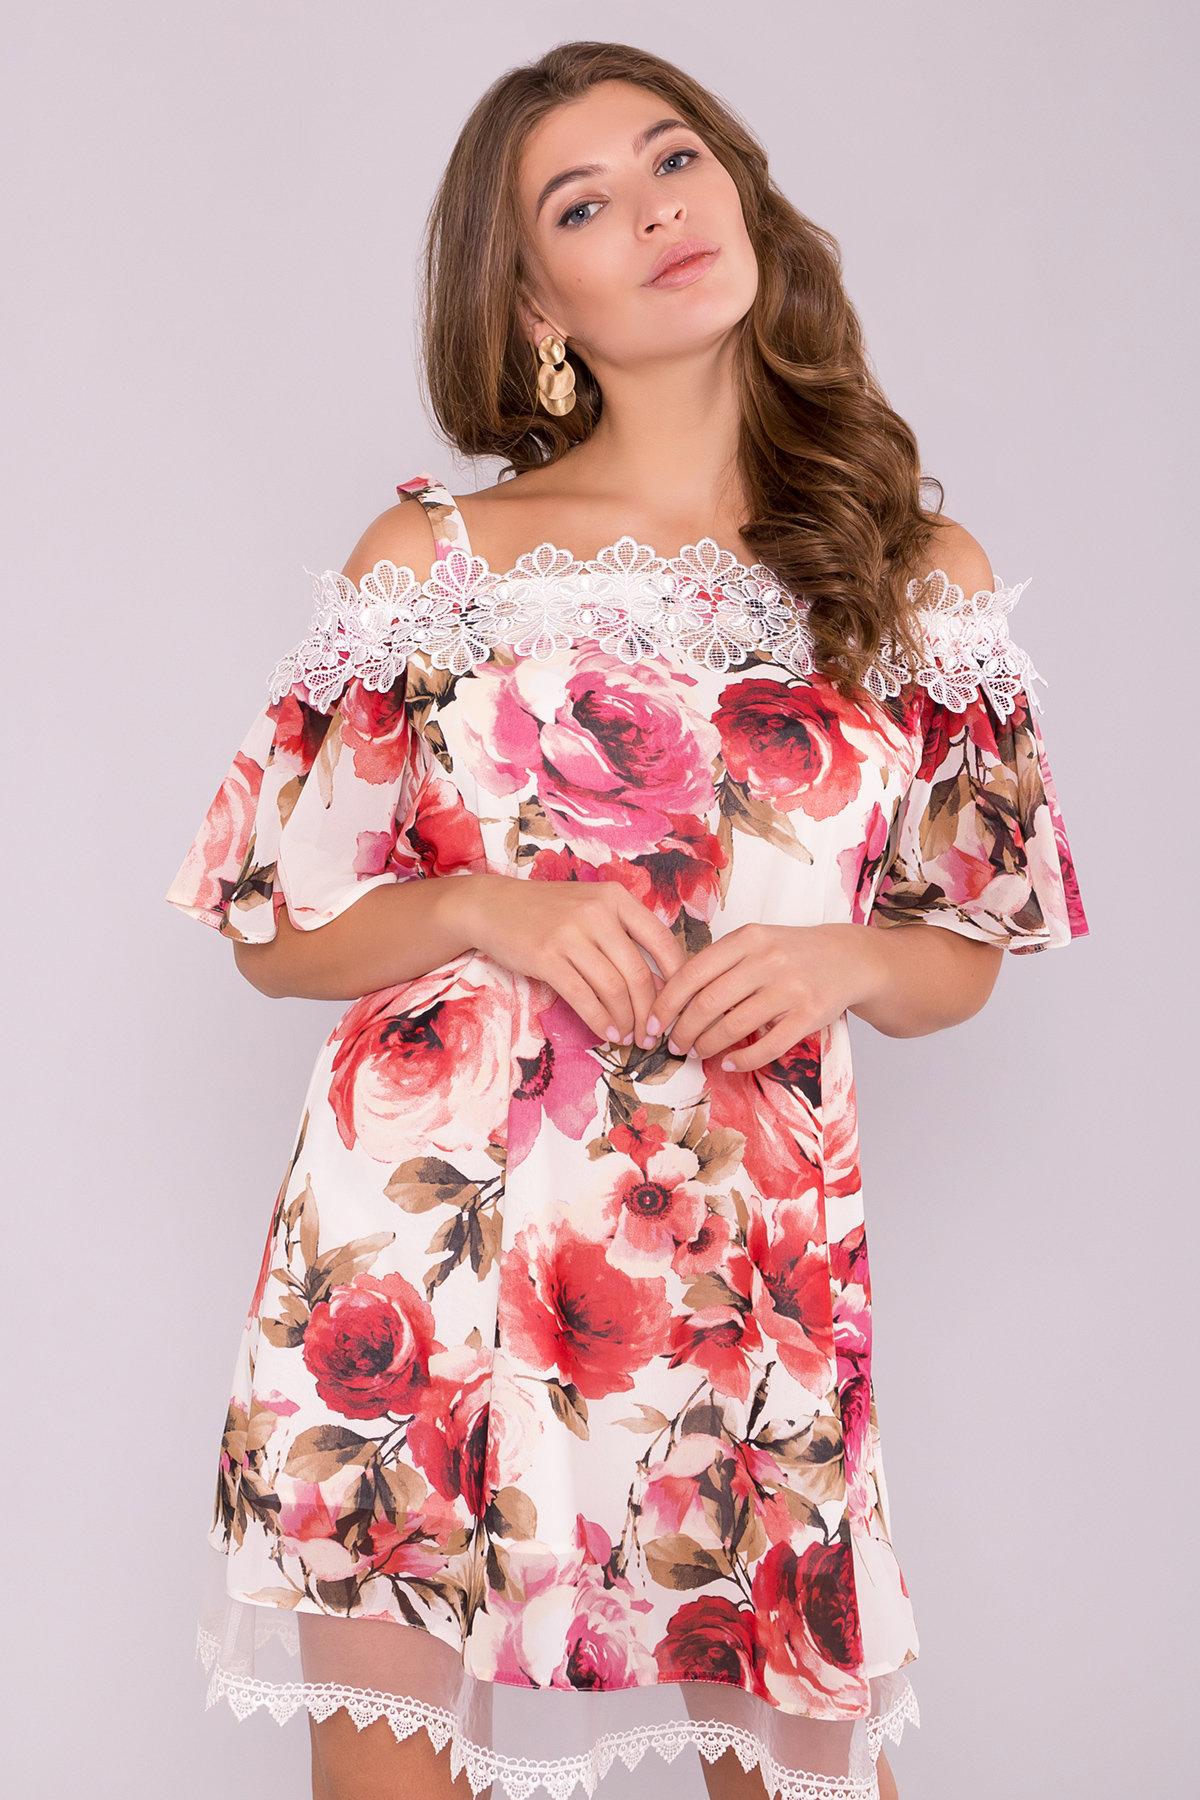 Платье Линда 6936 АРТ. 42295 Цвет: Розы молоко/коралл - фото 3, интернет магазин tm-modus.ru